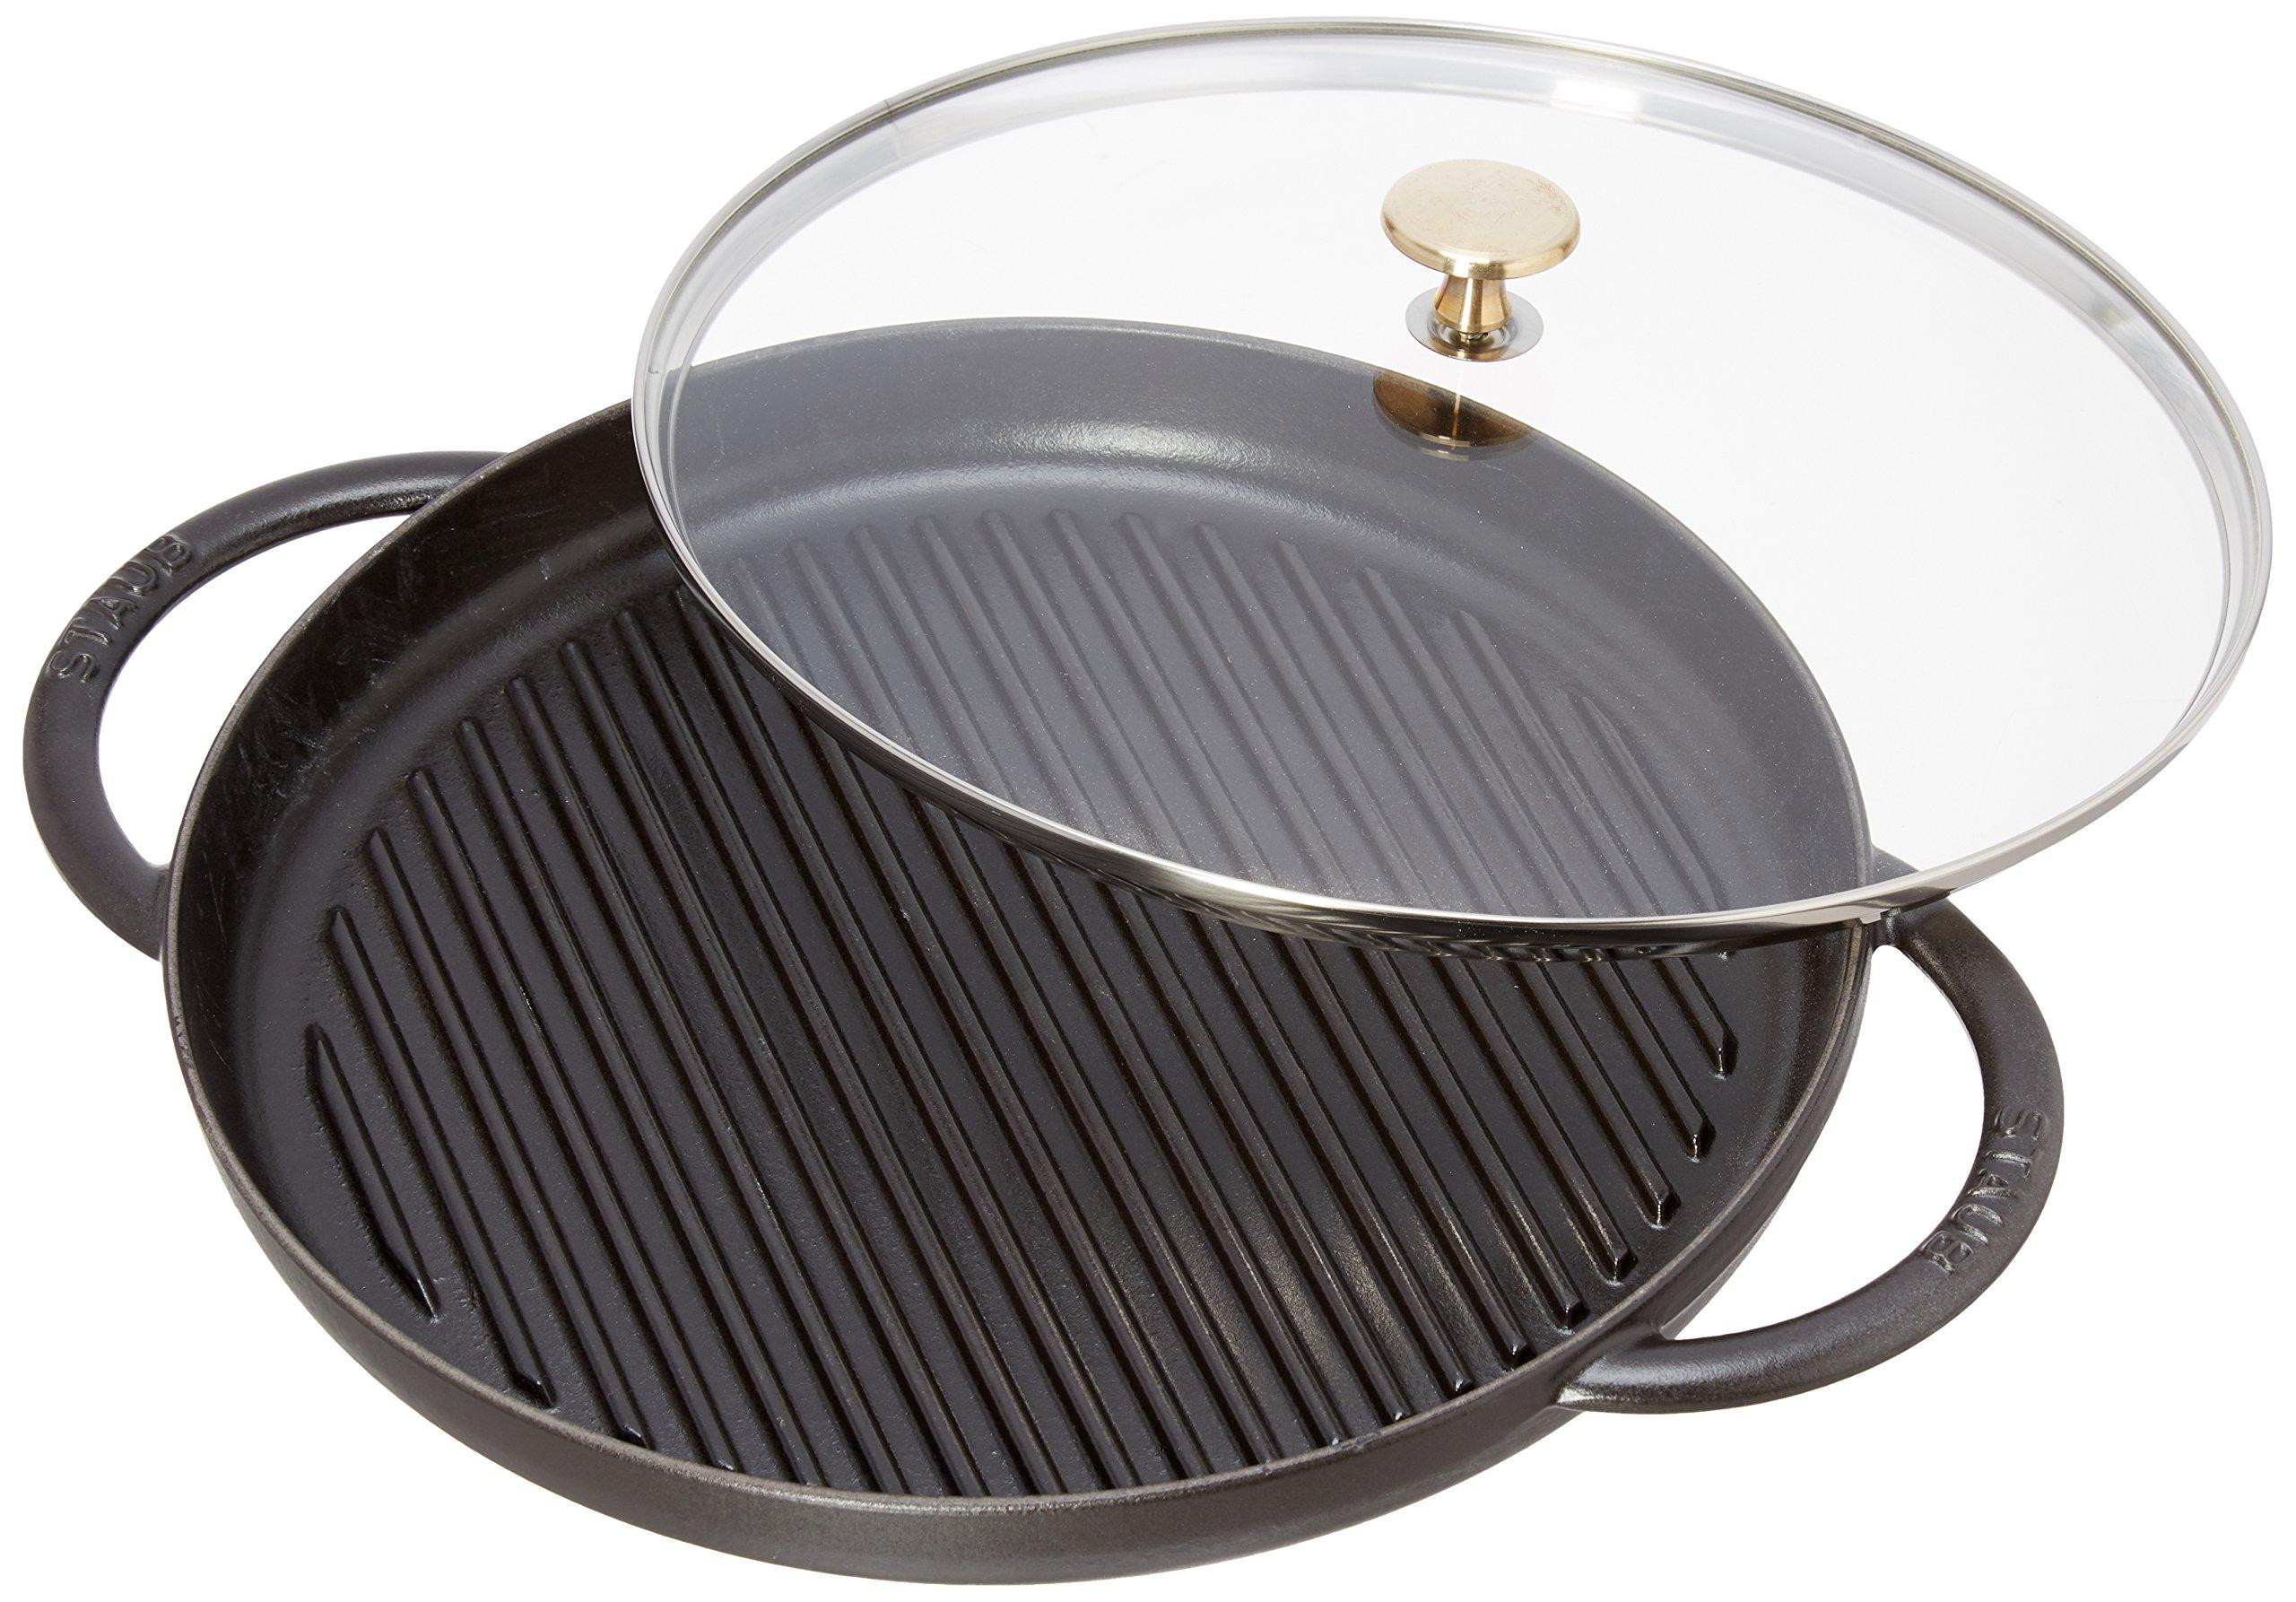 Staub Cast Iron 12'' Round Steam Grill - Black Matte